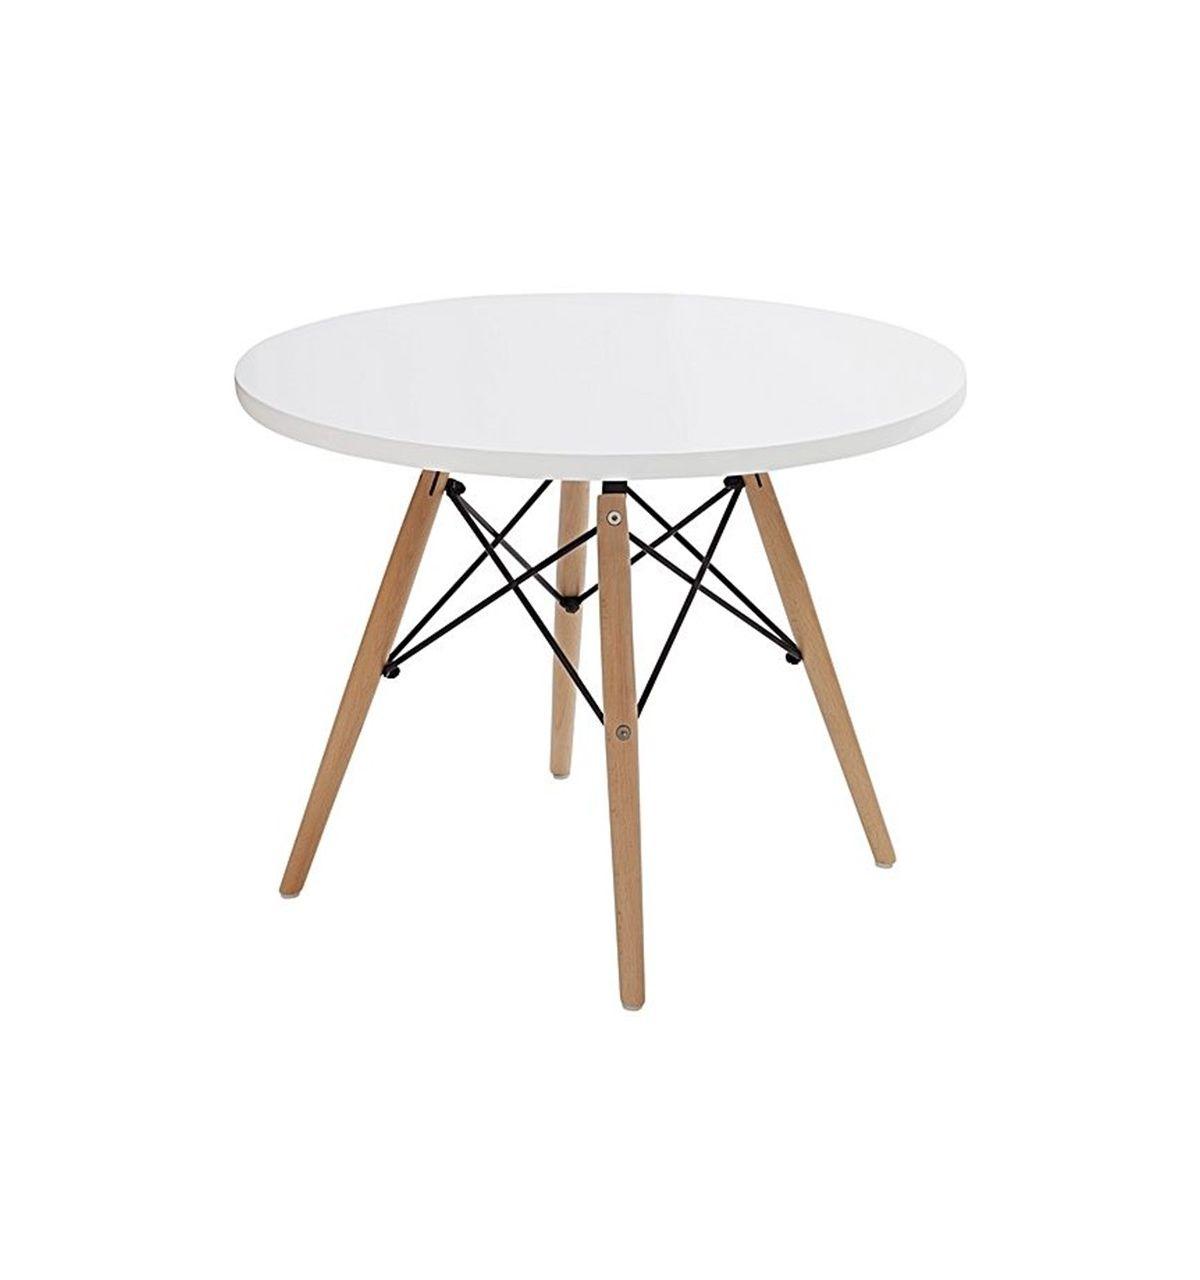 C r eames tavolino in legno design per bambini - Tavolini per bambini in legno ...